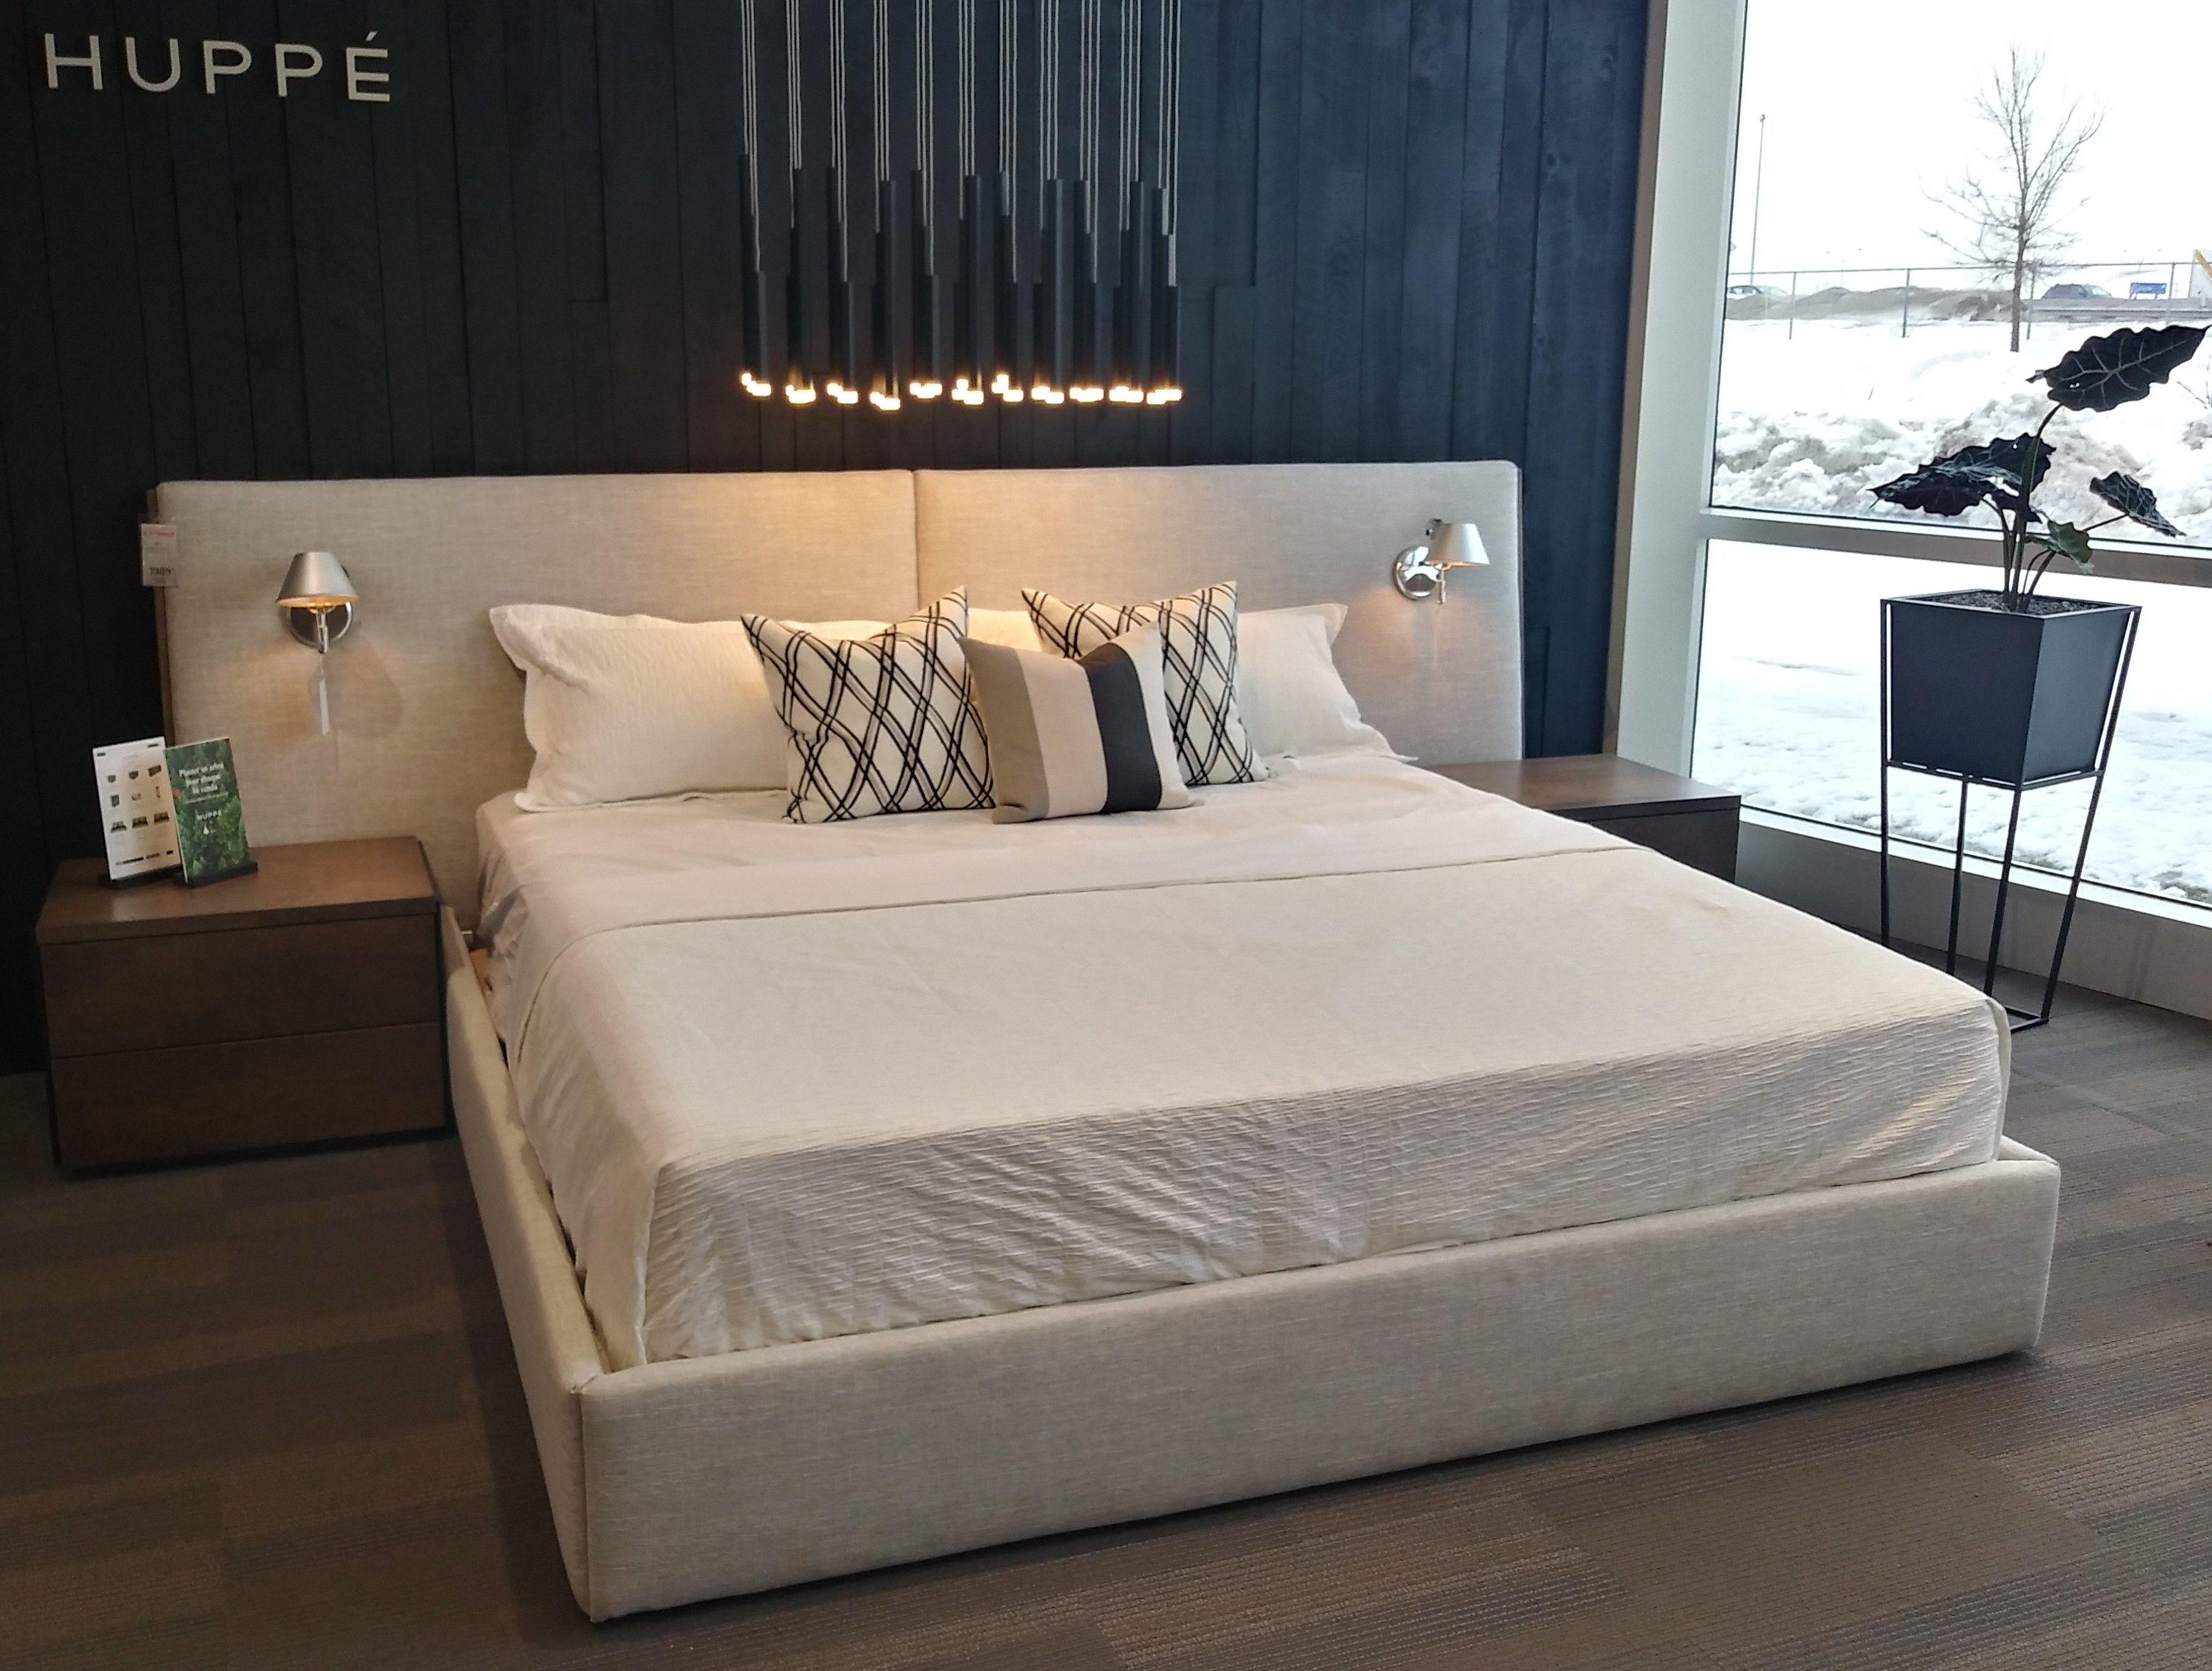 Lit Rembourre De La Collection Soreno Fabrique Par Huppe Une Compagnie Fierement Canadienne Home Bed Furniture